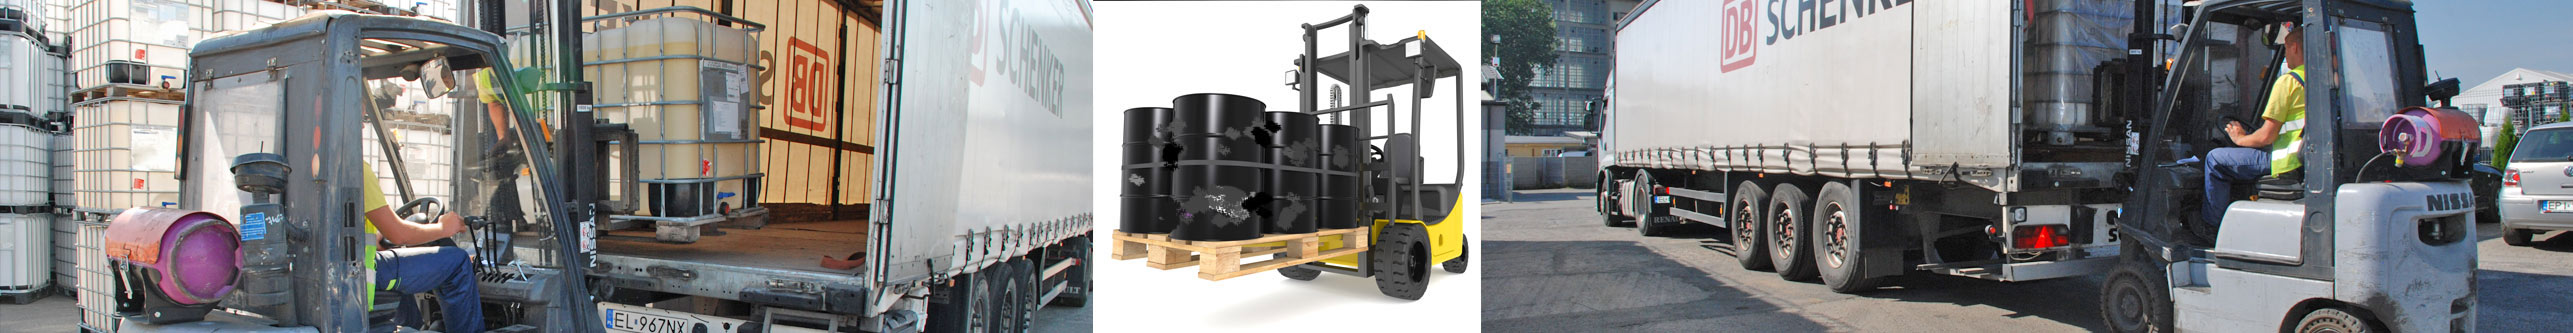 opakowania przemysłowe i odpady-załadunek i przygotowanie do transportu